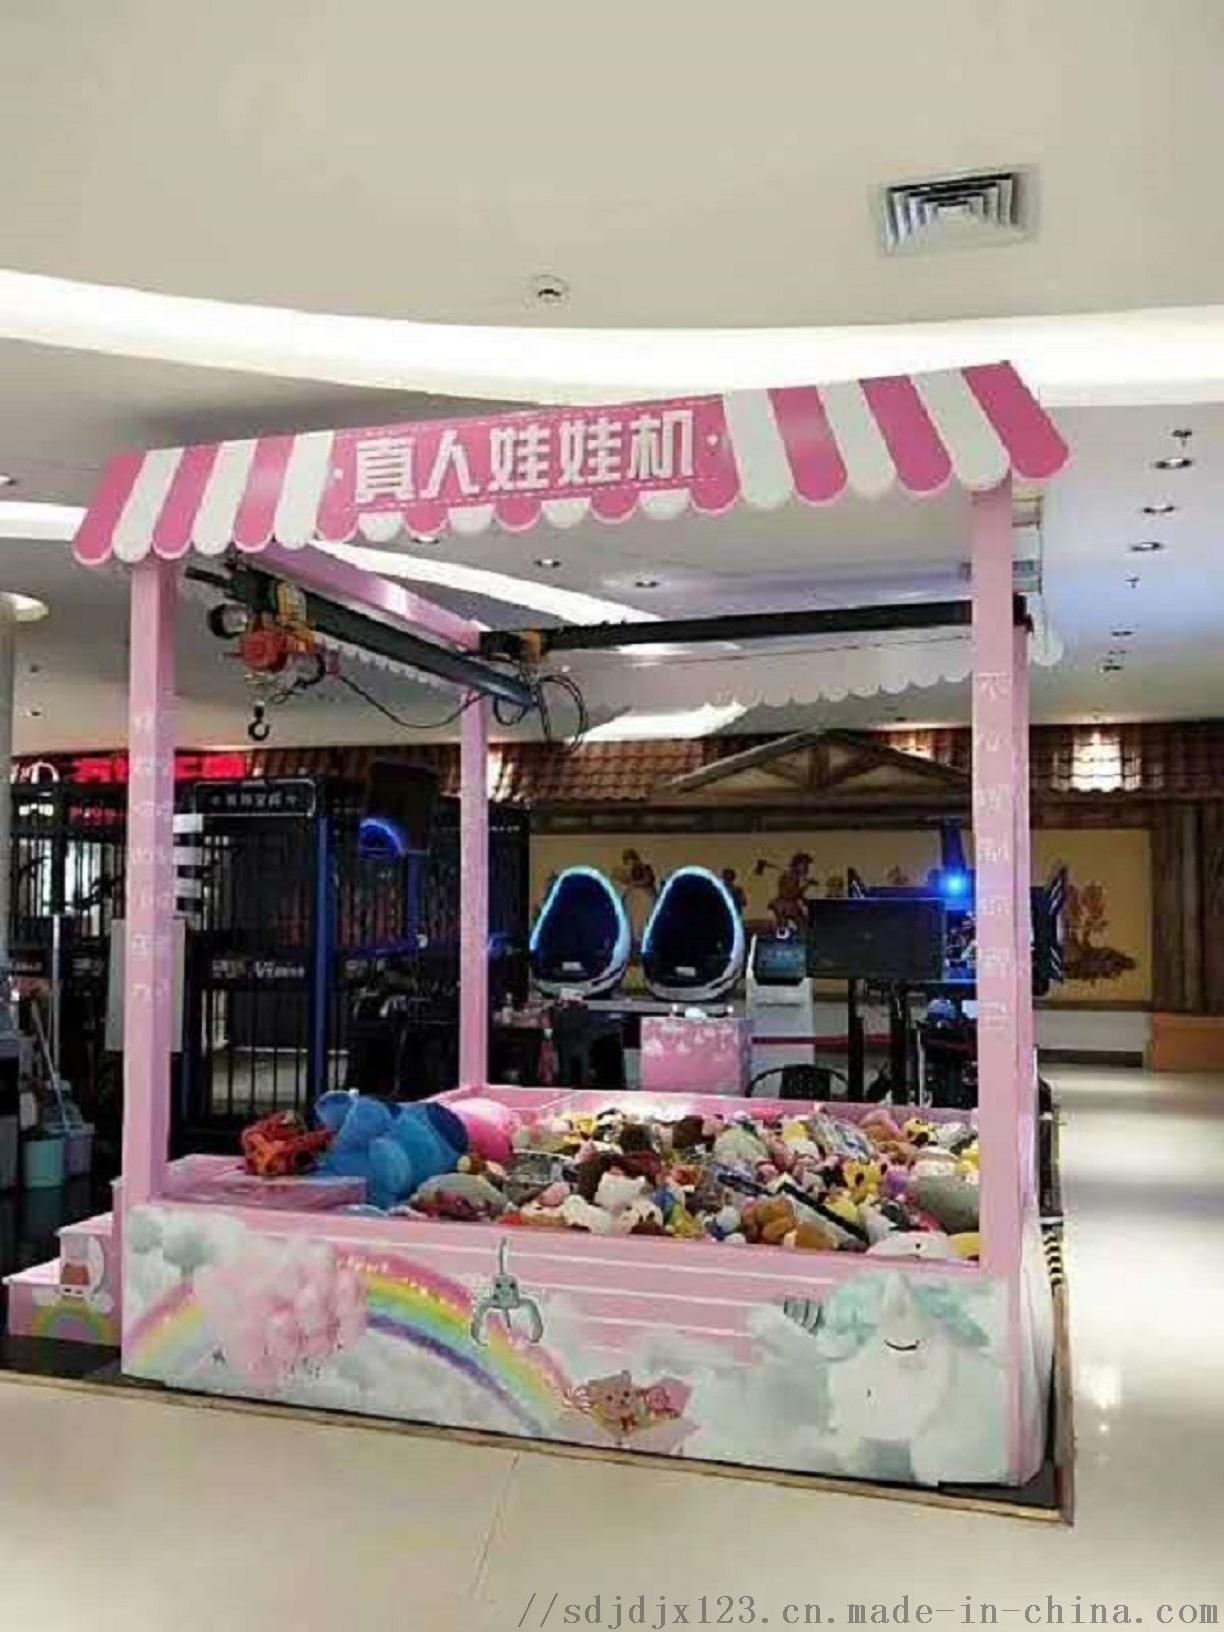 佳达机械真人抓娃娃机  扭蛋机娃娃机厂家欢迎您846916662